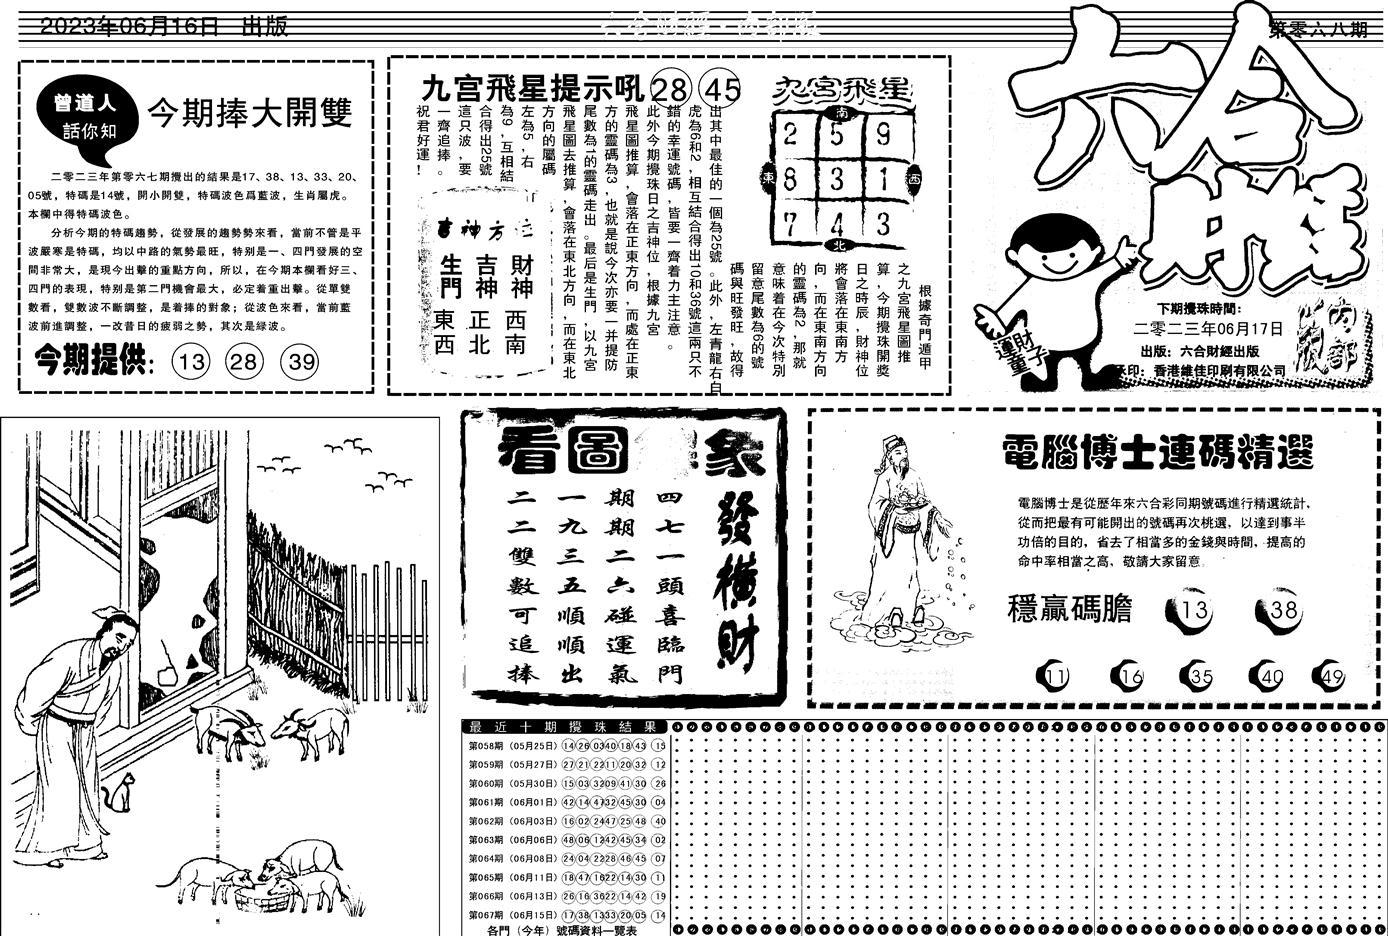 068期中财经A(黑白)